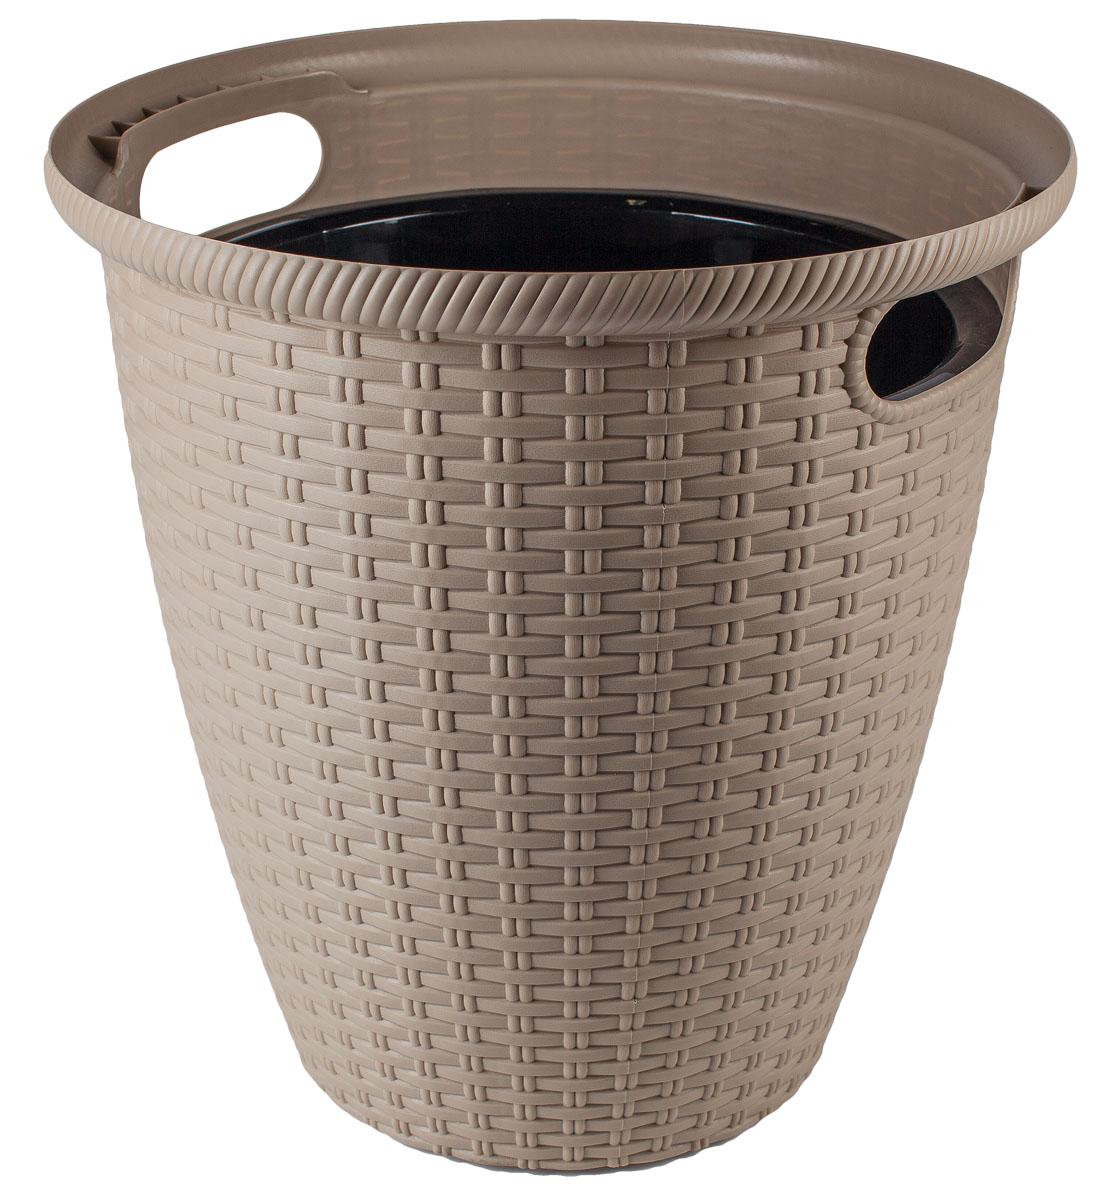 Кашпо InGreen Ротанг, напольное, цвет: шоколадный, диаметр 32,8 смING50020ШОККашпо InGreen Ротанг изготовлено из высококачественного пластика с плетеной текстурой. Такое кашпо прекрасно подойдет для выращивания растений и цветов в домашних условиях. Лаконичный дизайн впишется в интерьер любого помещения. Размер кашпо: 32,8 х 32,8 х 33 см.